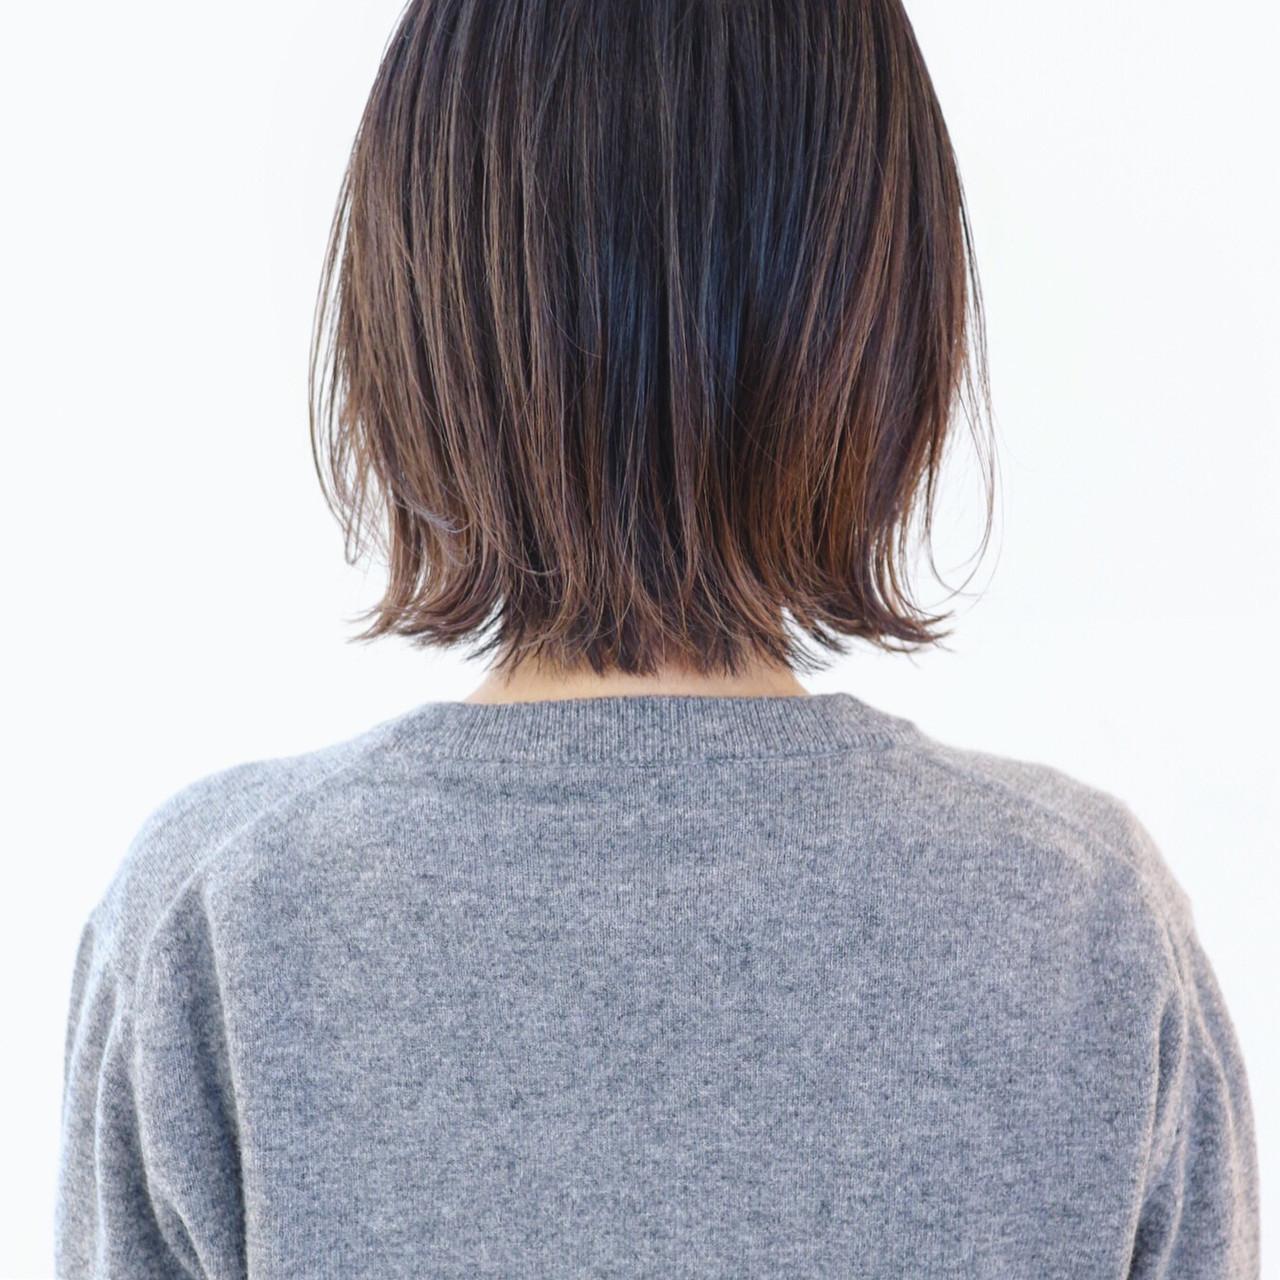 ハイライト グレージュ ストリート アンニュイほつれヘア ヘアスタイルや髪型の写真・画像